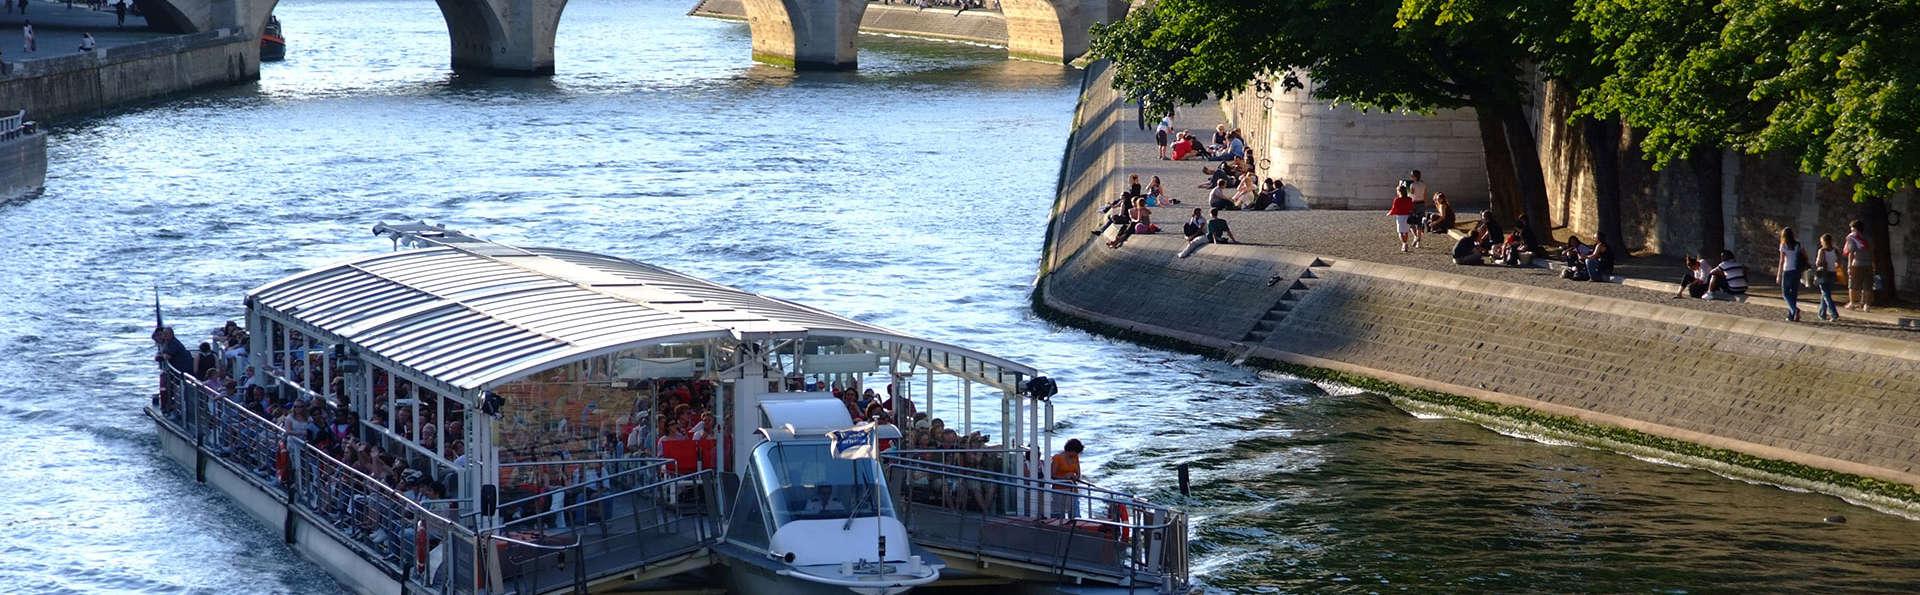 Paris en relax avec balade en bateau sur la Seine